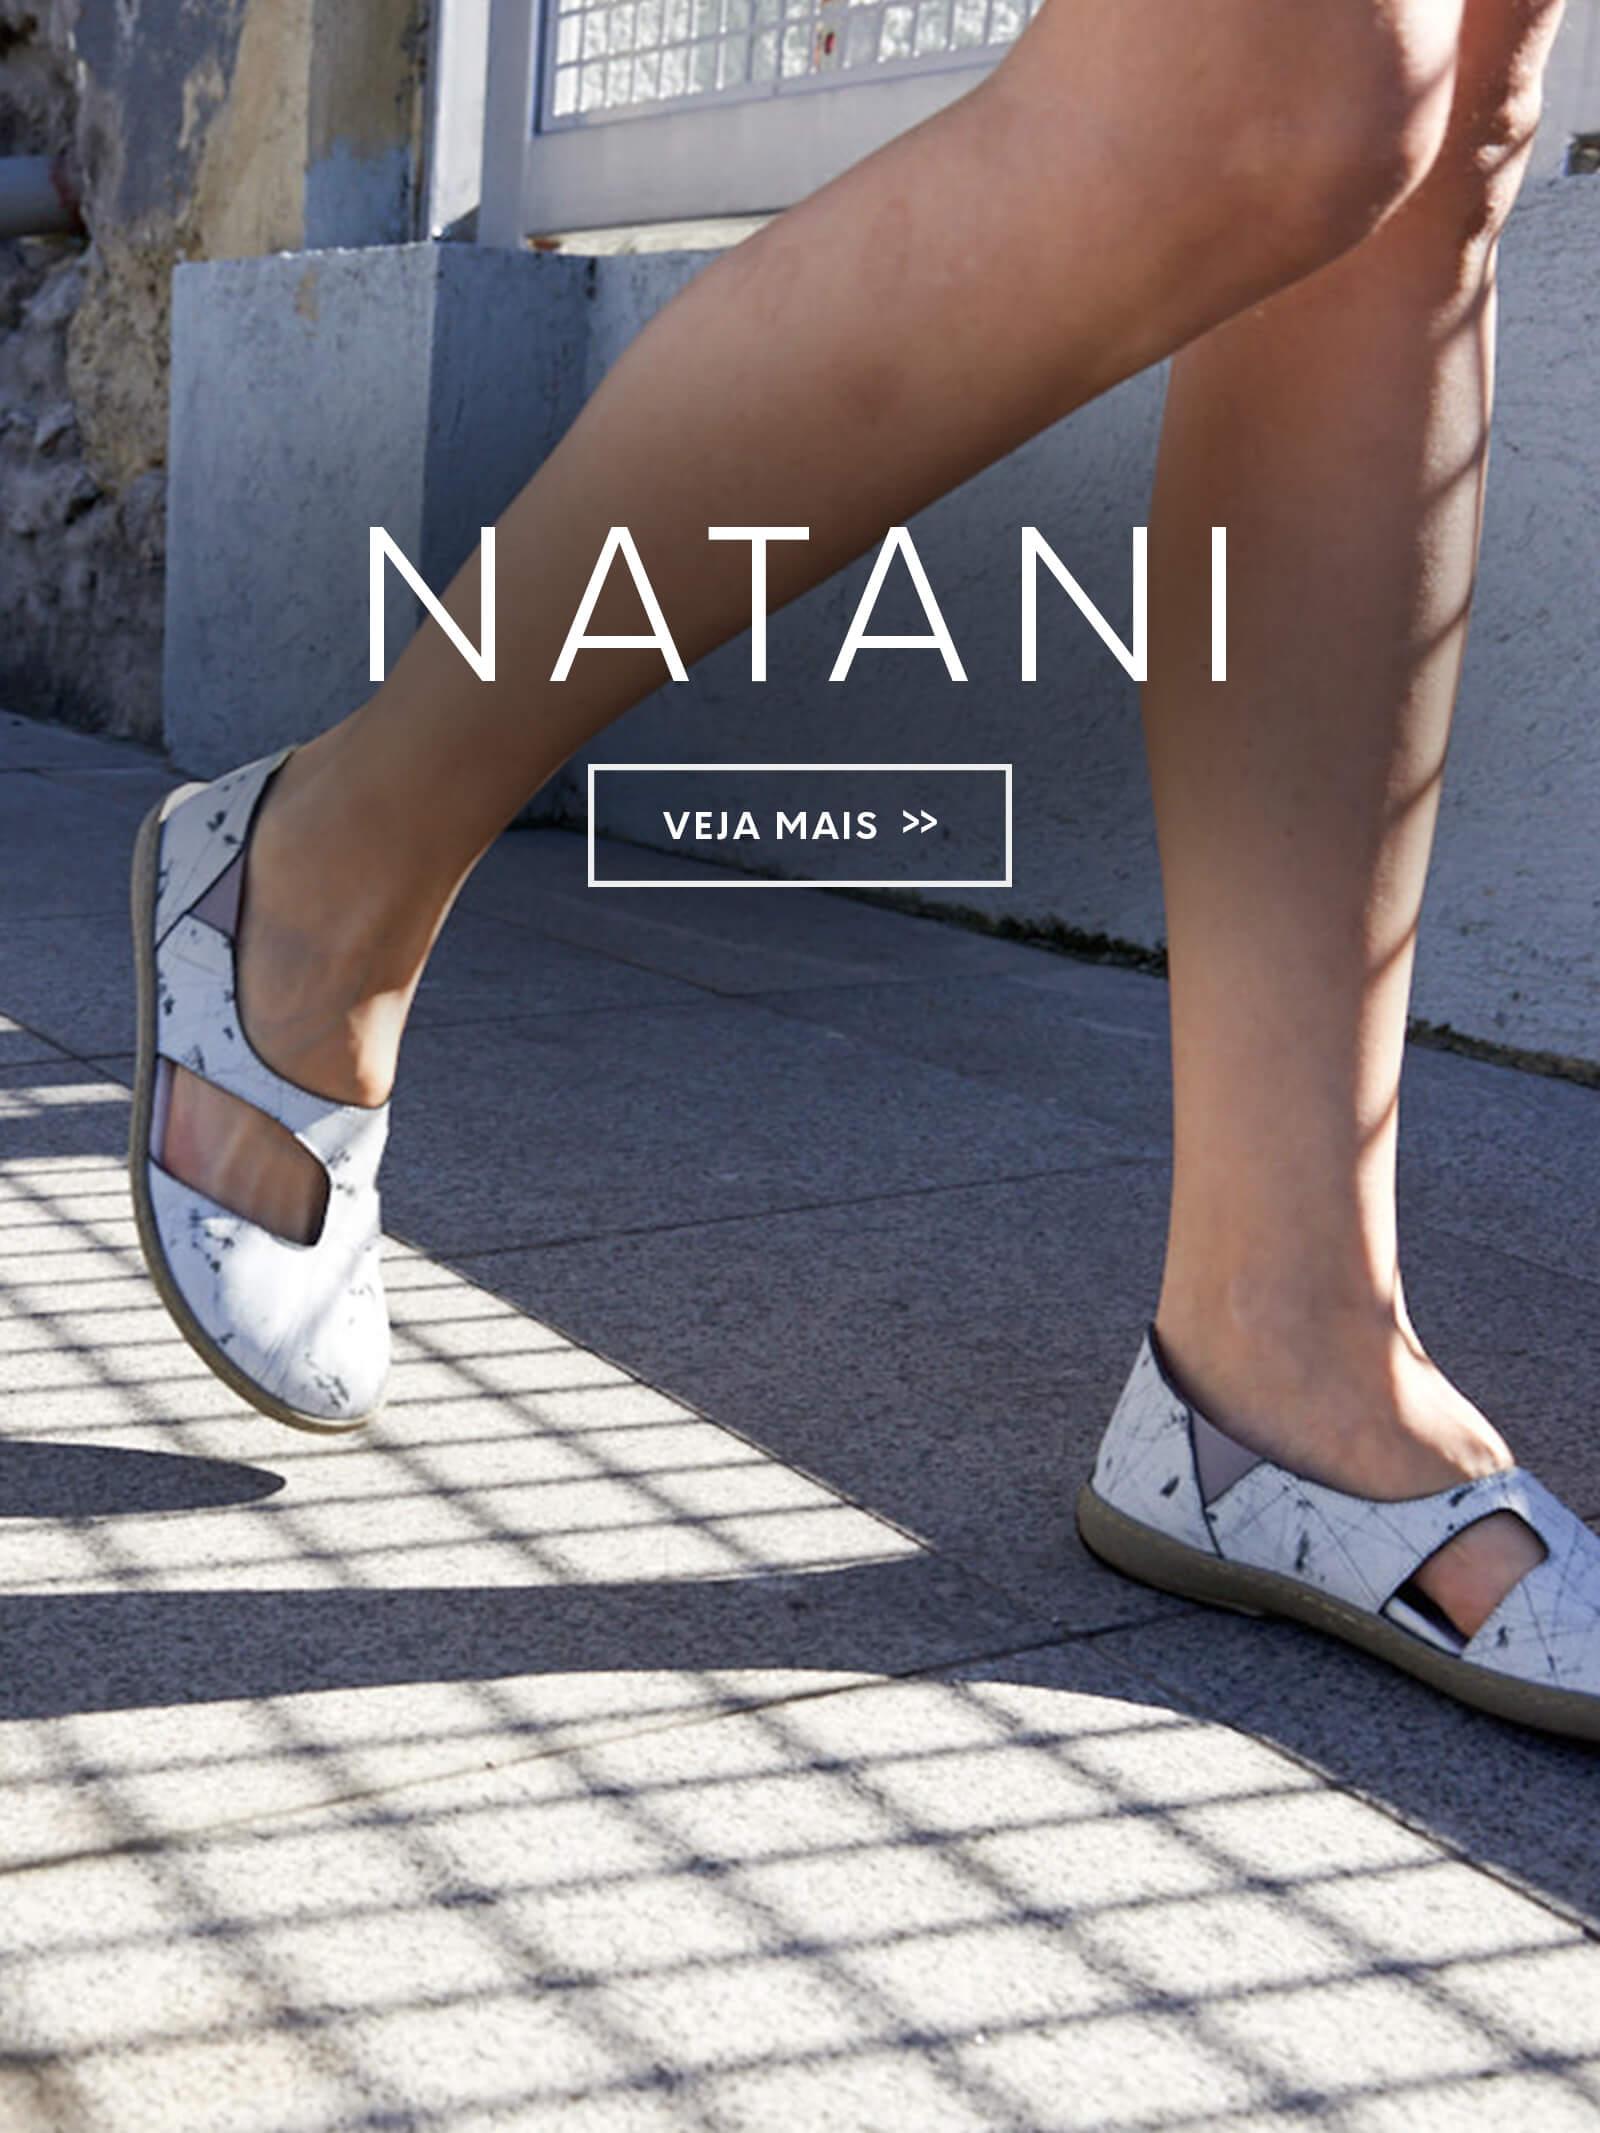 Mob Natani